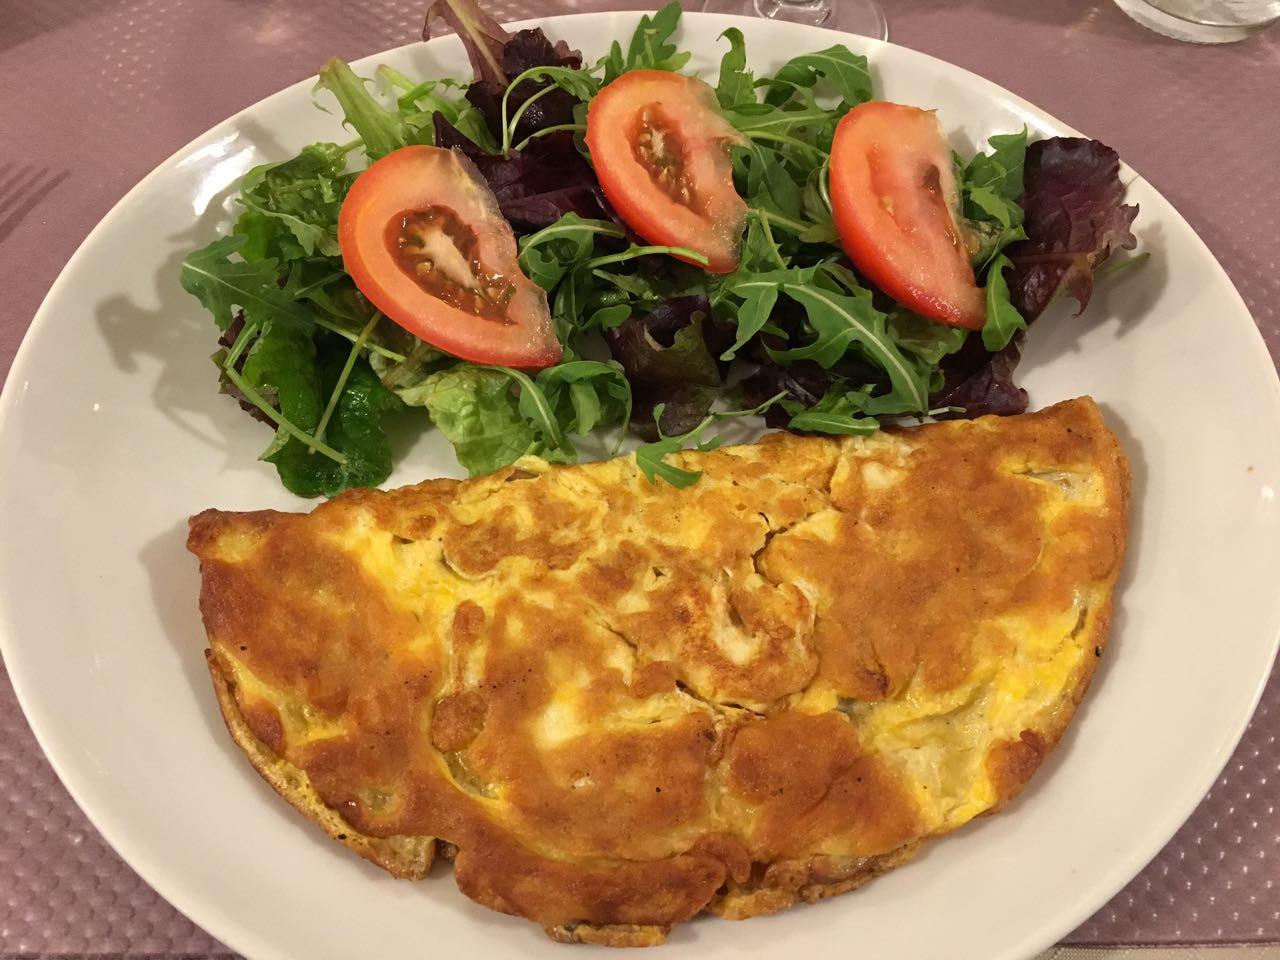 omlette-du-fromage